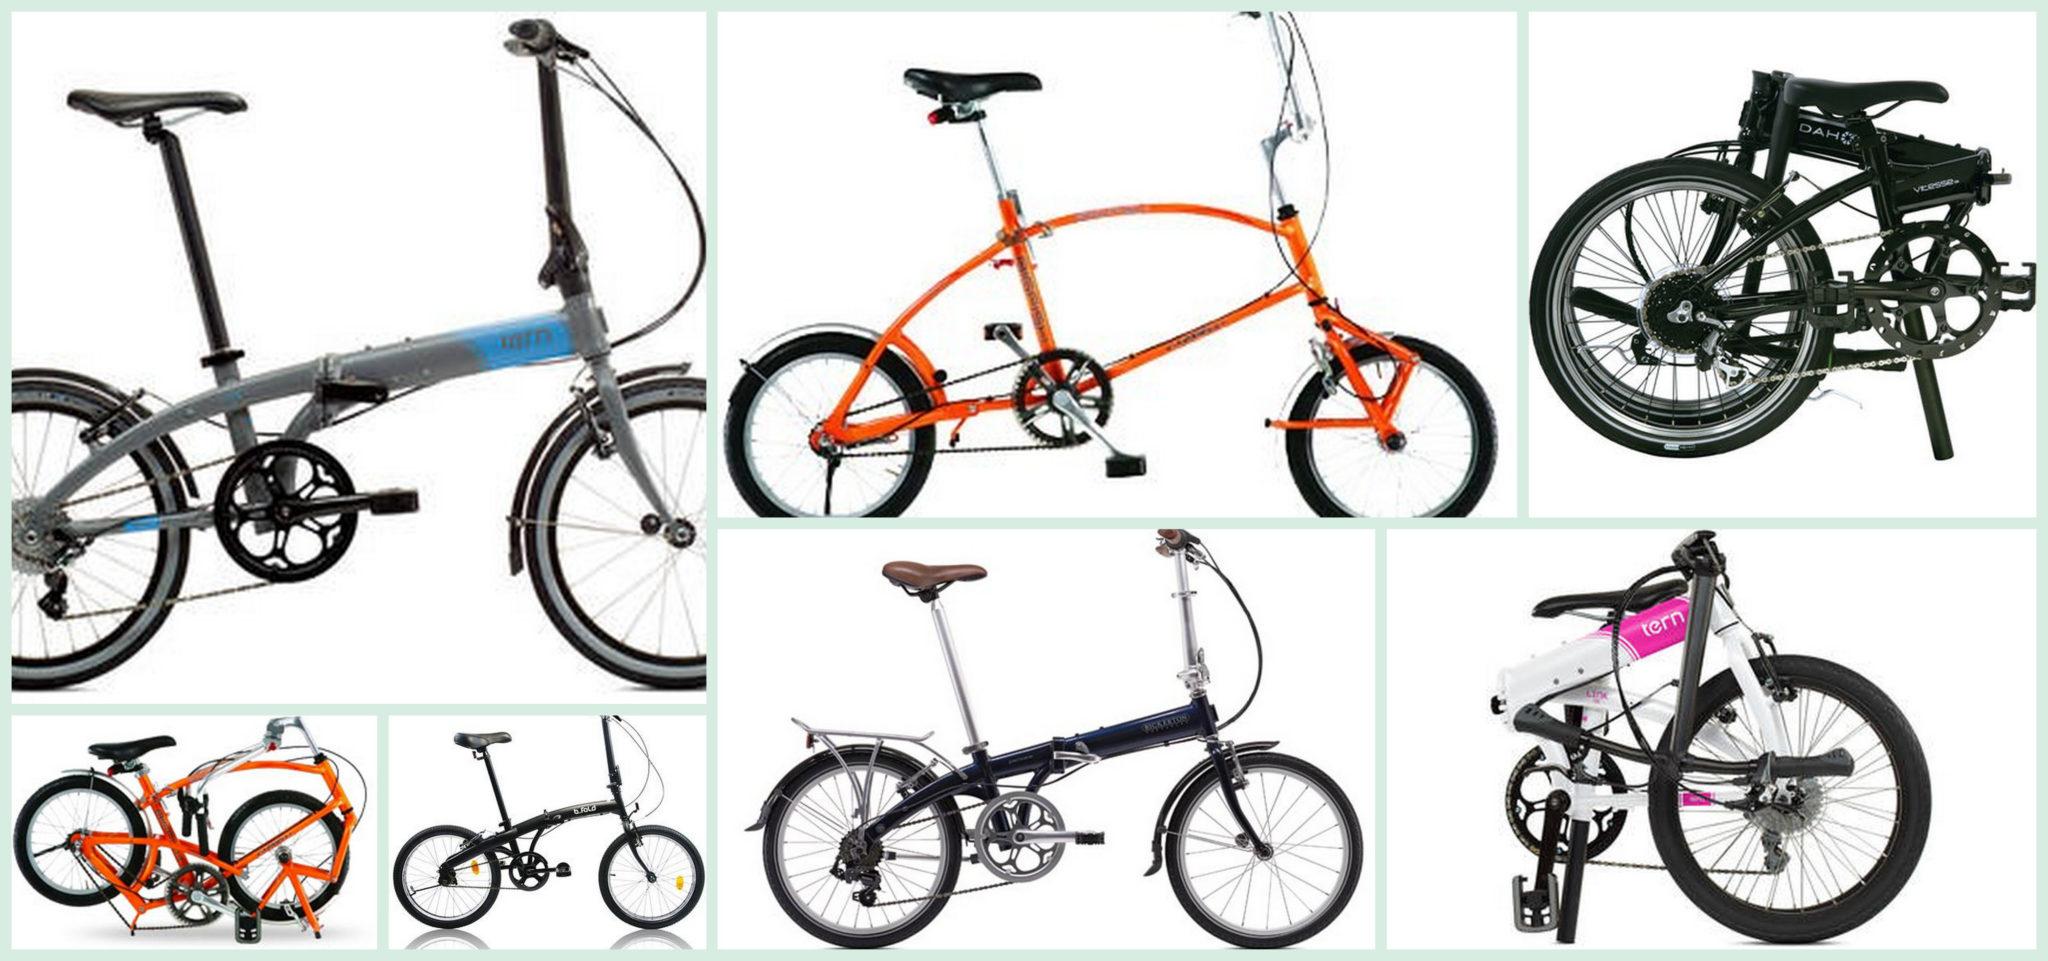 Les 7 meilleurs vélos pliants pour éviter les transports publics